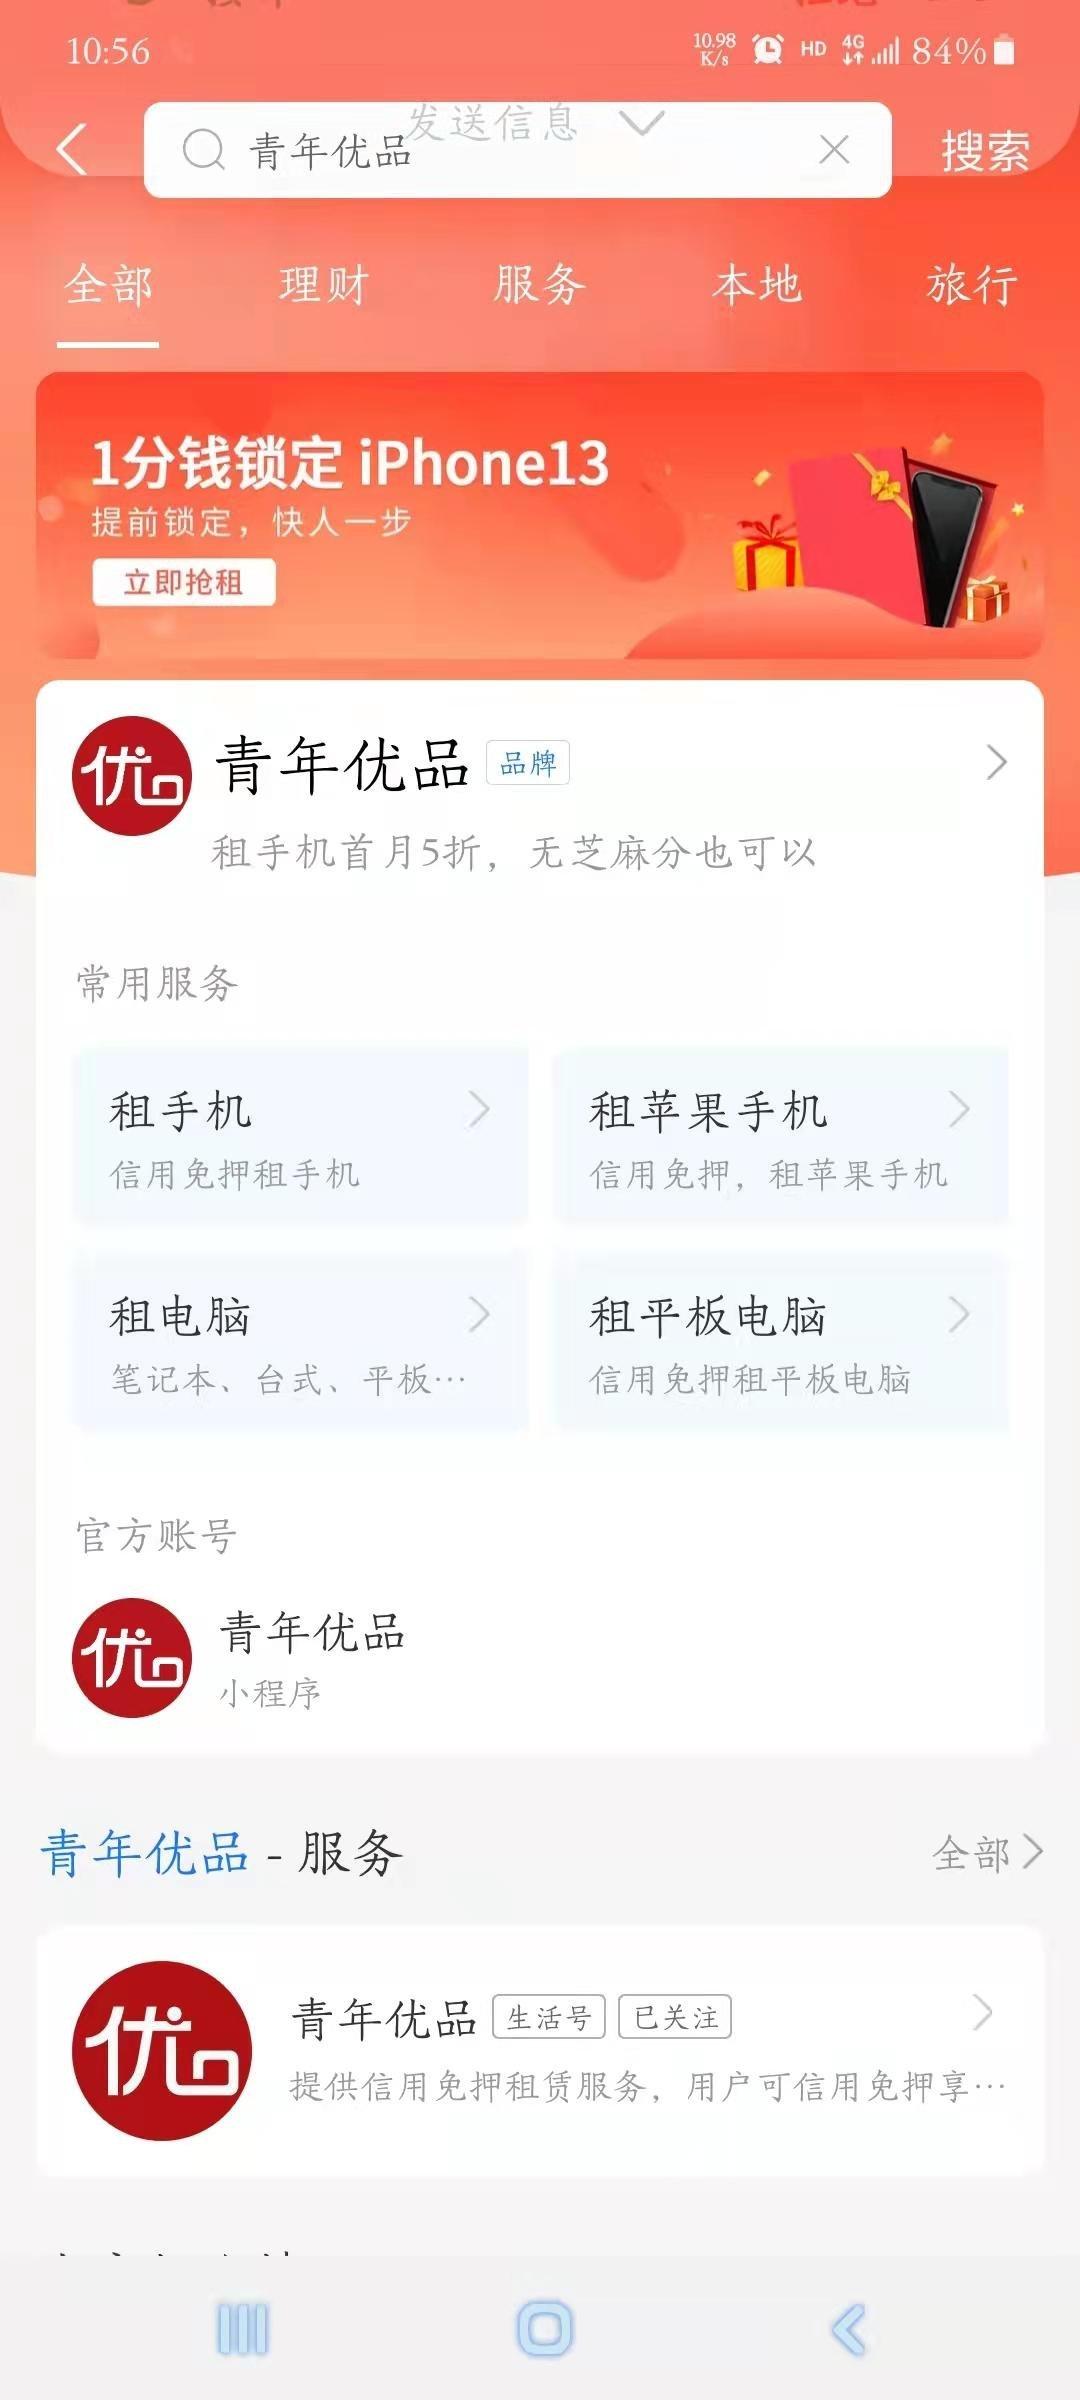 【网络兼职小任务】青年优品小程序评论任务-青团社